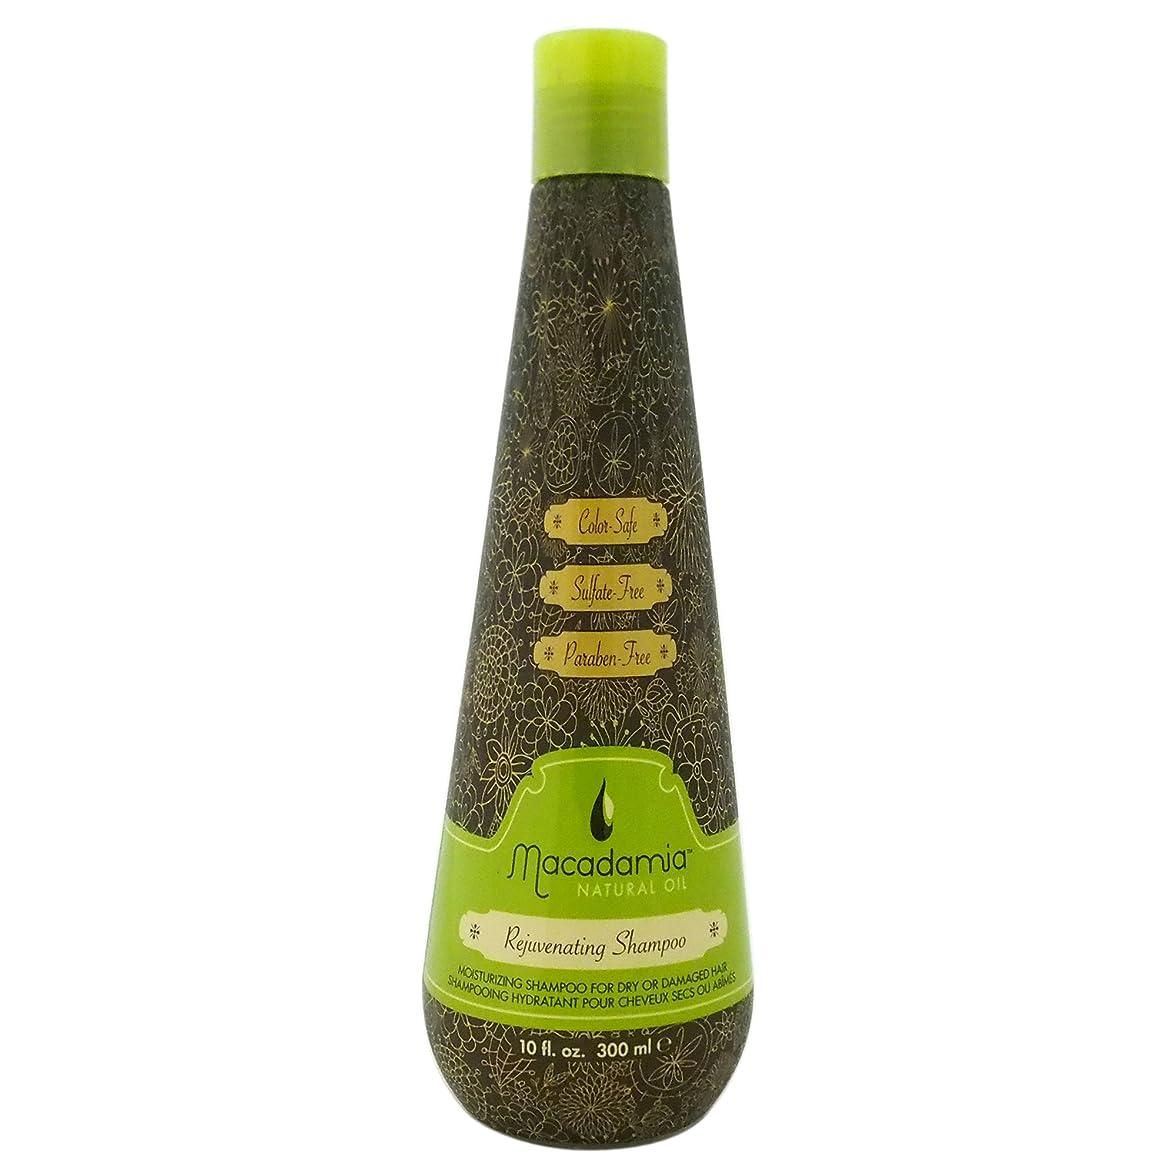 勢い対処バレルマカダミア ナチュラルオイル(Macadamia NATURAL OIL) MNOシャンプー 300ml [並行輸入品]